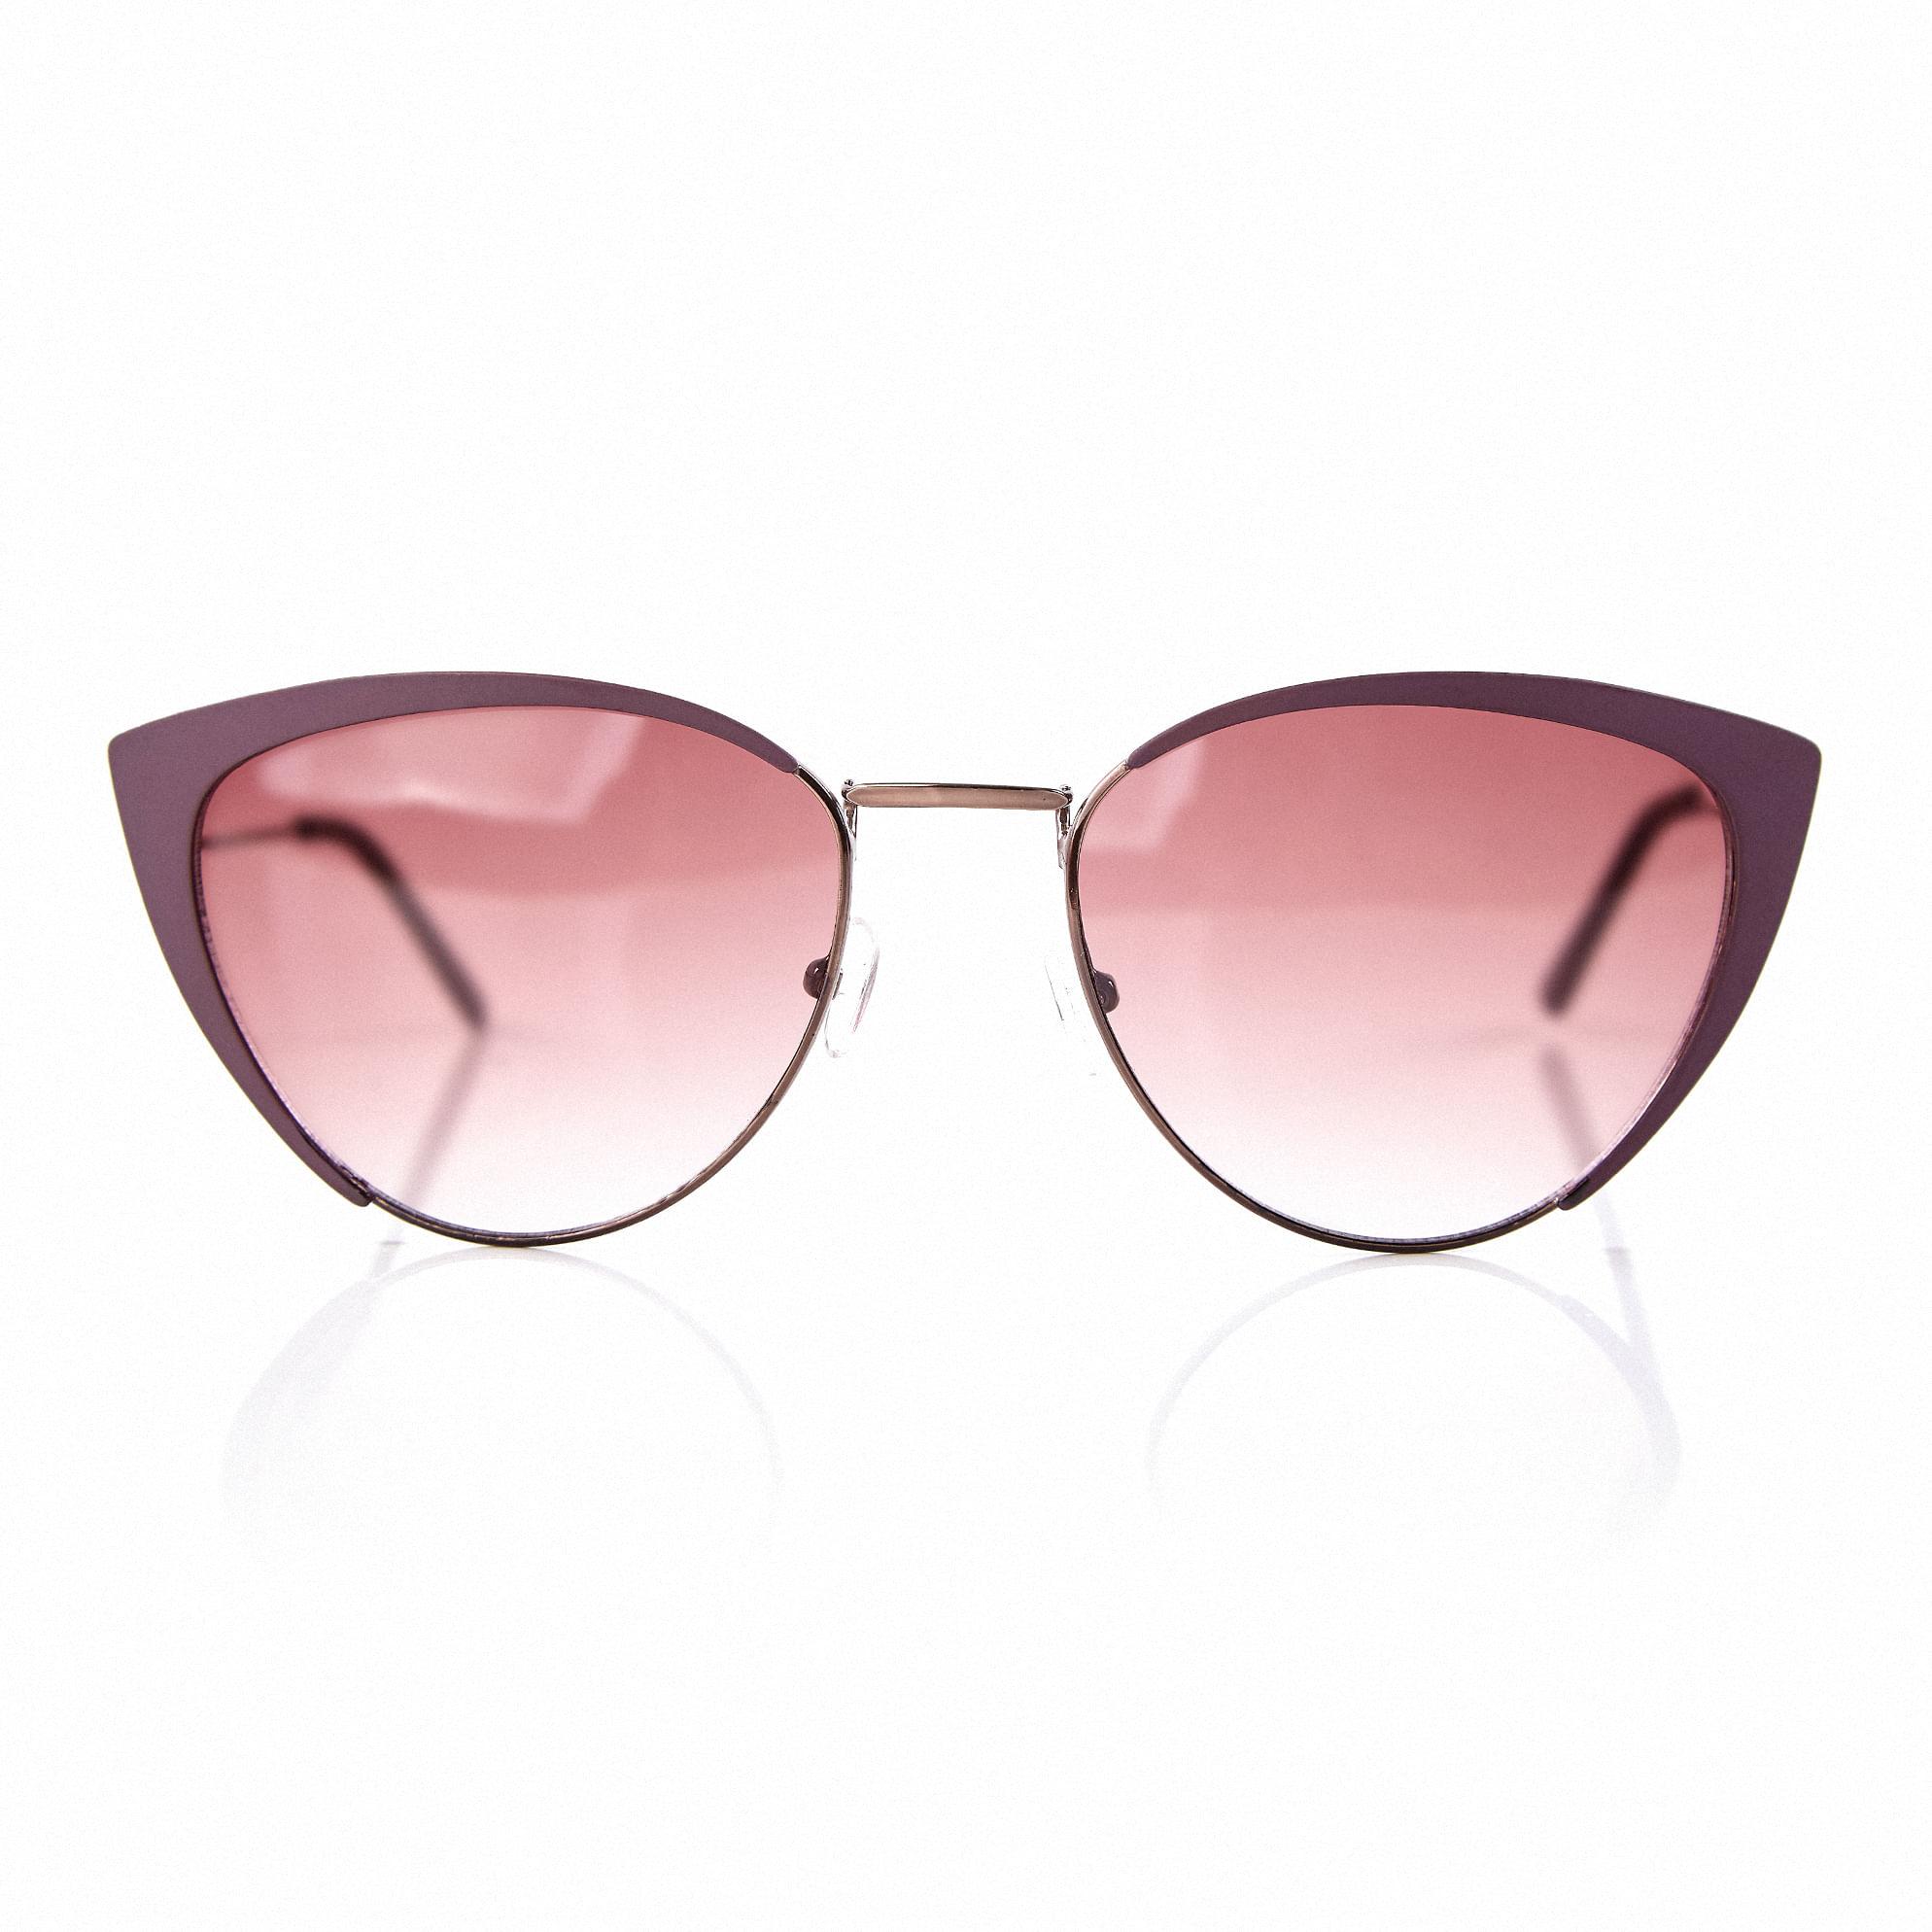 7c6e2d5ac8cd2 Oculos Gatinho Detalhe Metal Vermelho - morenarosa